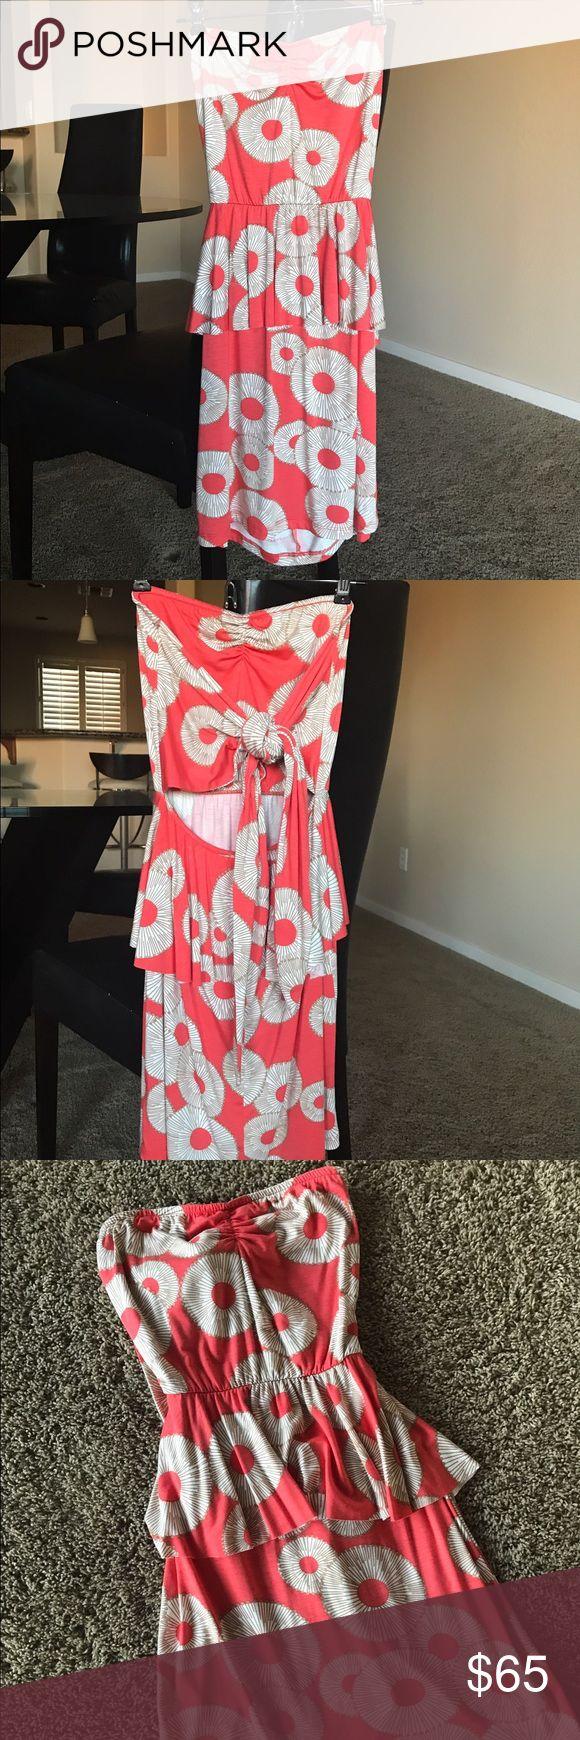 Rachel Pally strapless peplum sun dress Rachel Pally strapless peplum sun dress with open tie back.  So cute, soft and sexy! Worn once. Rachel Pally Dresses